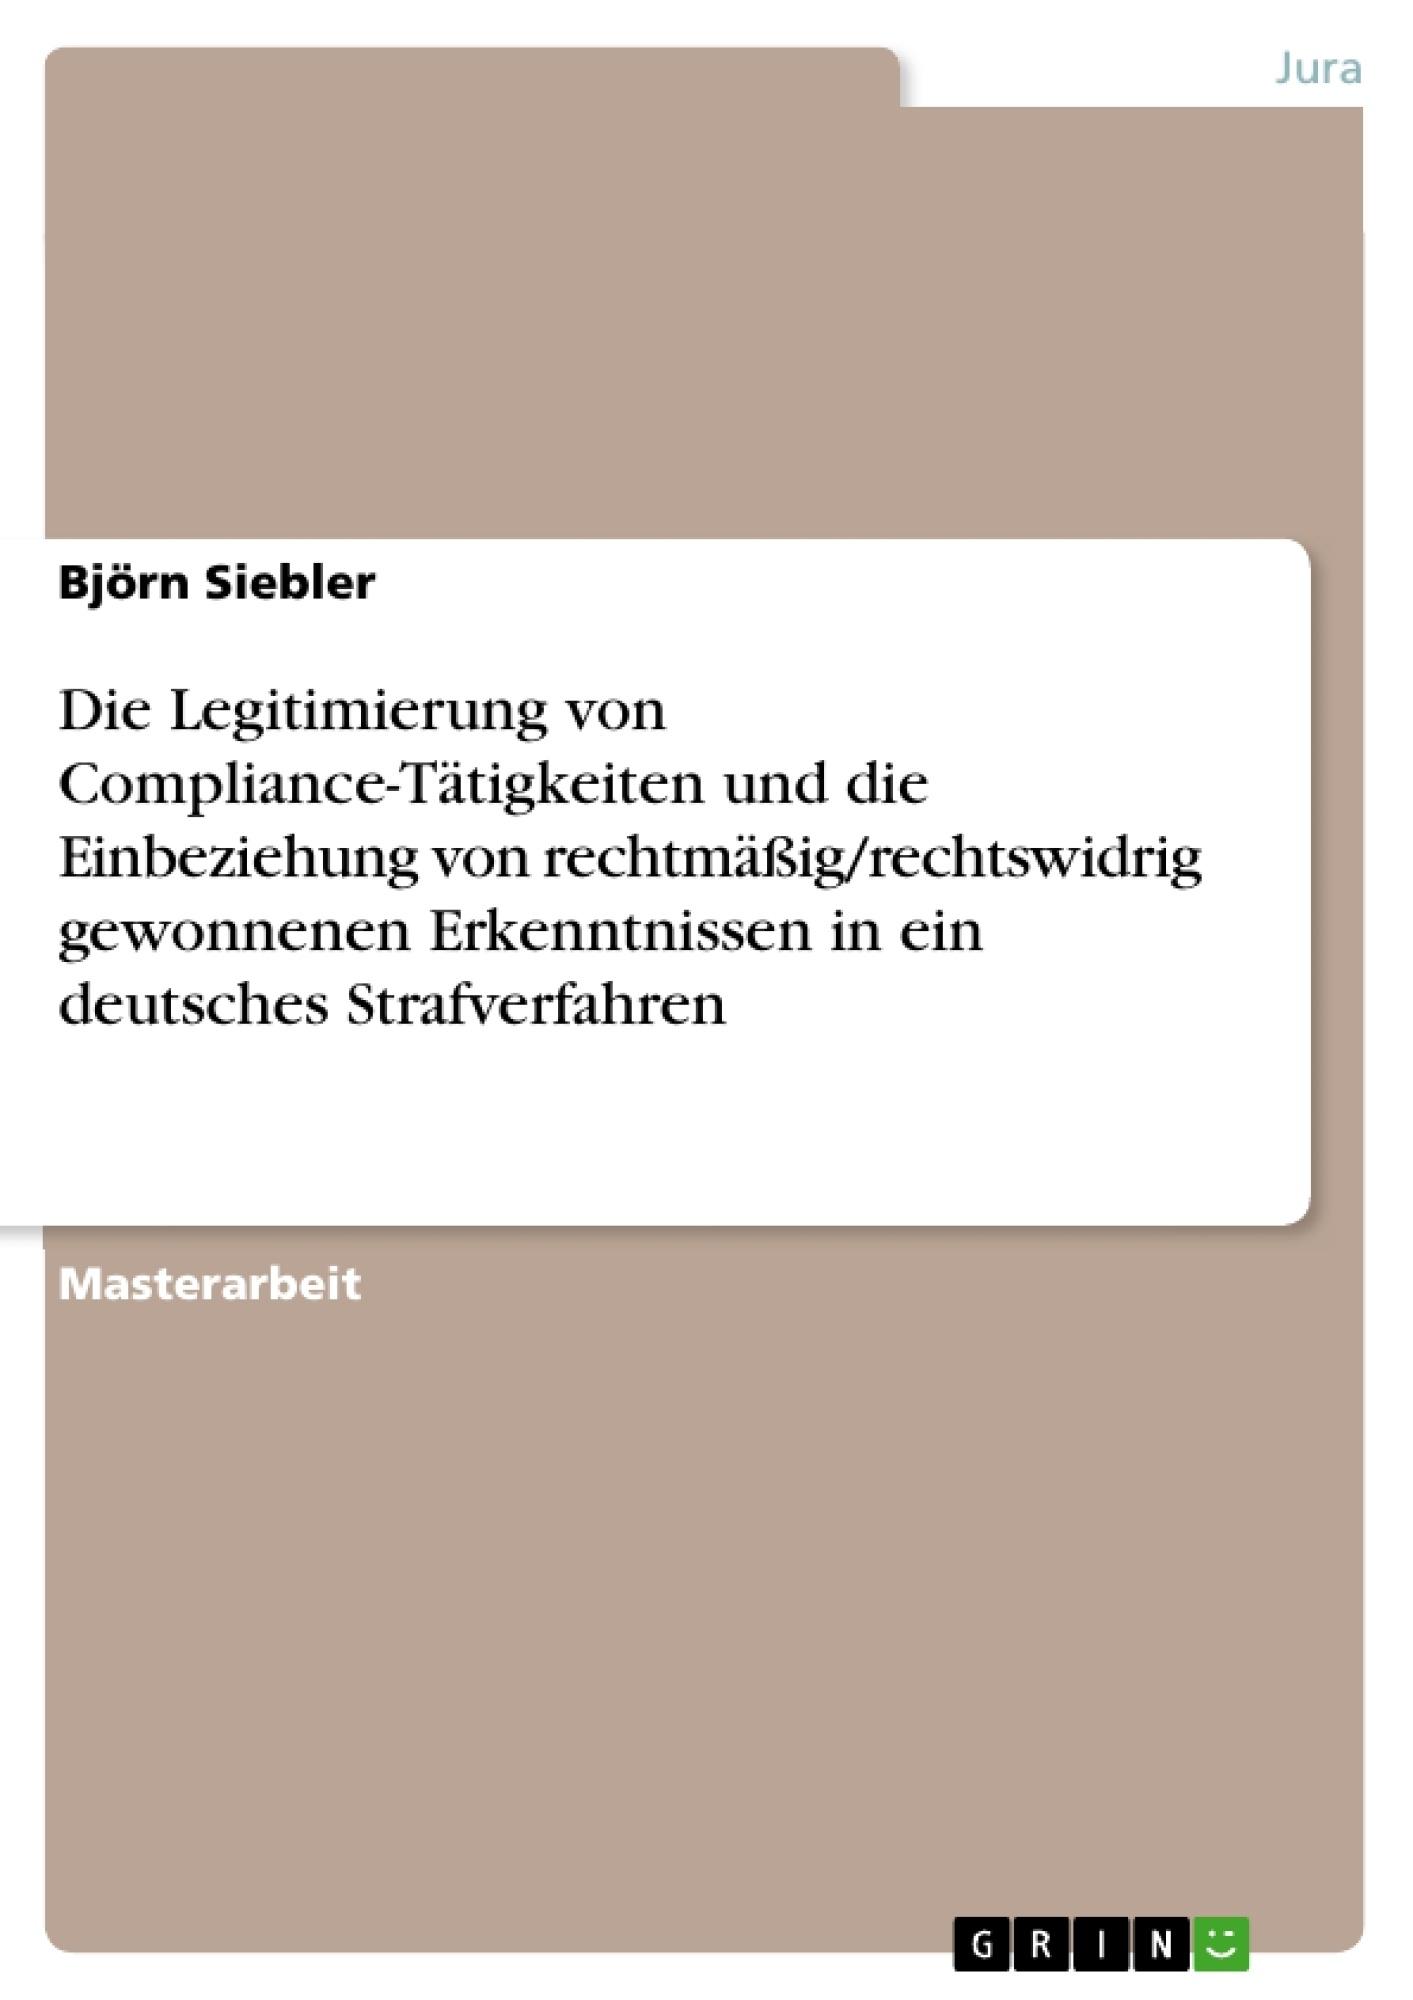 Titel: Die Legitimierung von Compliance-Tätigkeiten und die Einbeziehung von rechtmäßig/rechtswidrig gewonnenen Erkenntnissen in ein deutsches Strafverfahren